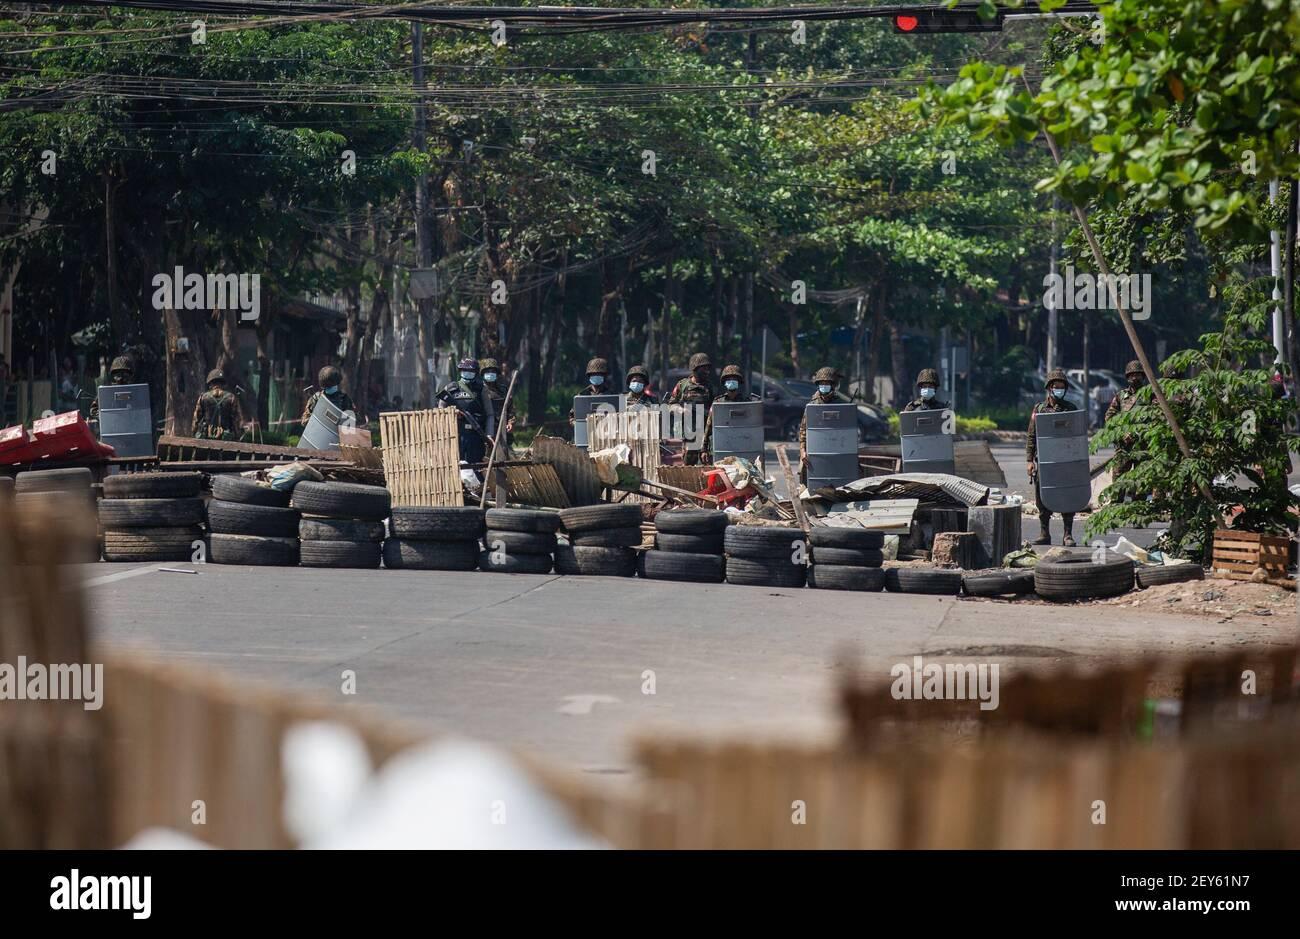 Des soldats et des policiers surveillent les barricades de fortune érigées par les manifestants pendant la manifestation. La police du Myanmar a tiré des balles en caoutchouc, des gaz lacrymogènes et des bombes sonores contre des manifestants pacifiques anti-coup militaire. Plusieurs ont été arrêtés et blessés, y compris des volontaires de secours, mais le nombre exact reste incertain. L'armée du Myanmar a arrêté le conseiller d'État du Myanmar Aung San Suu Kyi le 01 février 2021 et a déclaré l'état d'urgence tout en prenant le pouvoir dans le pays pendant un an après avoir perdu les élections contre la Ligue nationale pour la démocratie (NLD). Banque D'Images